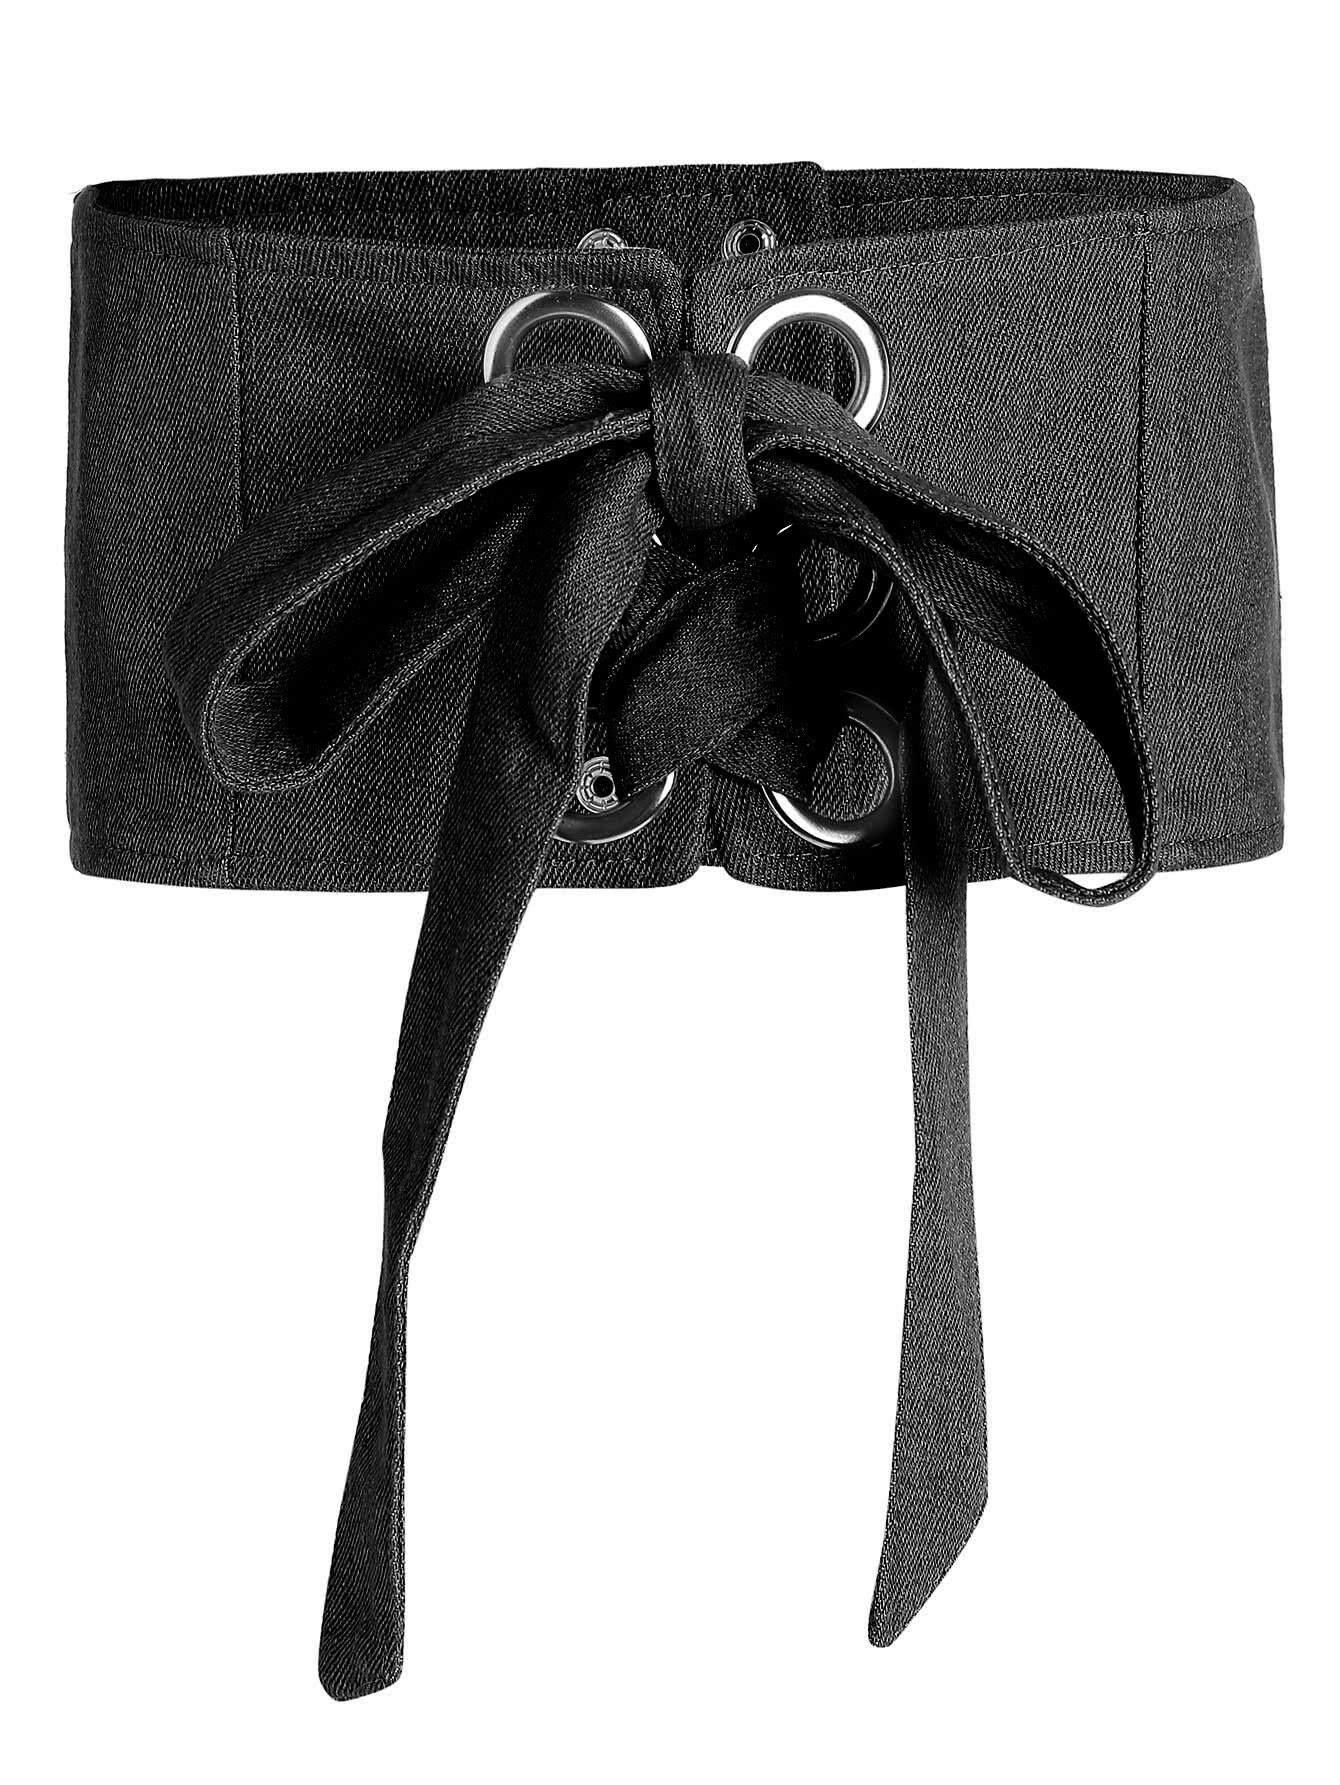 Фото Bow Tie Front Wide Denim Belt. Купить с доставкой